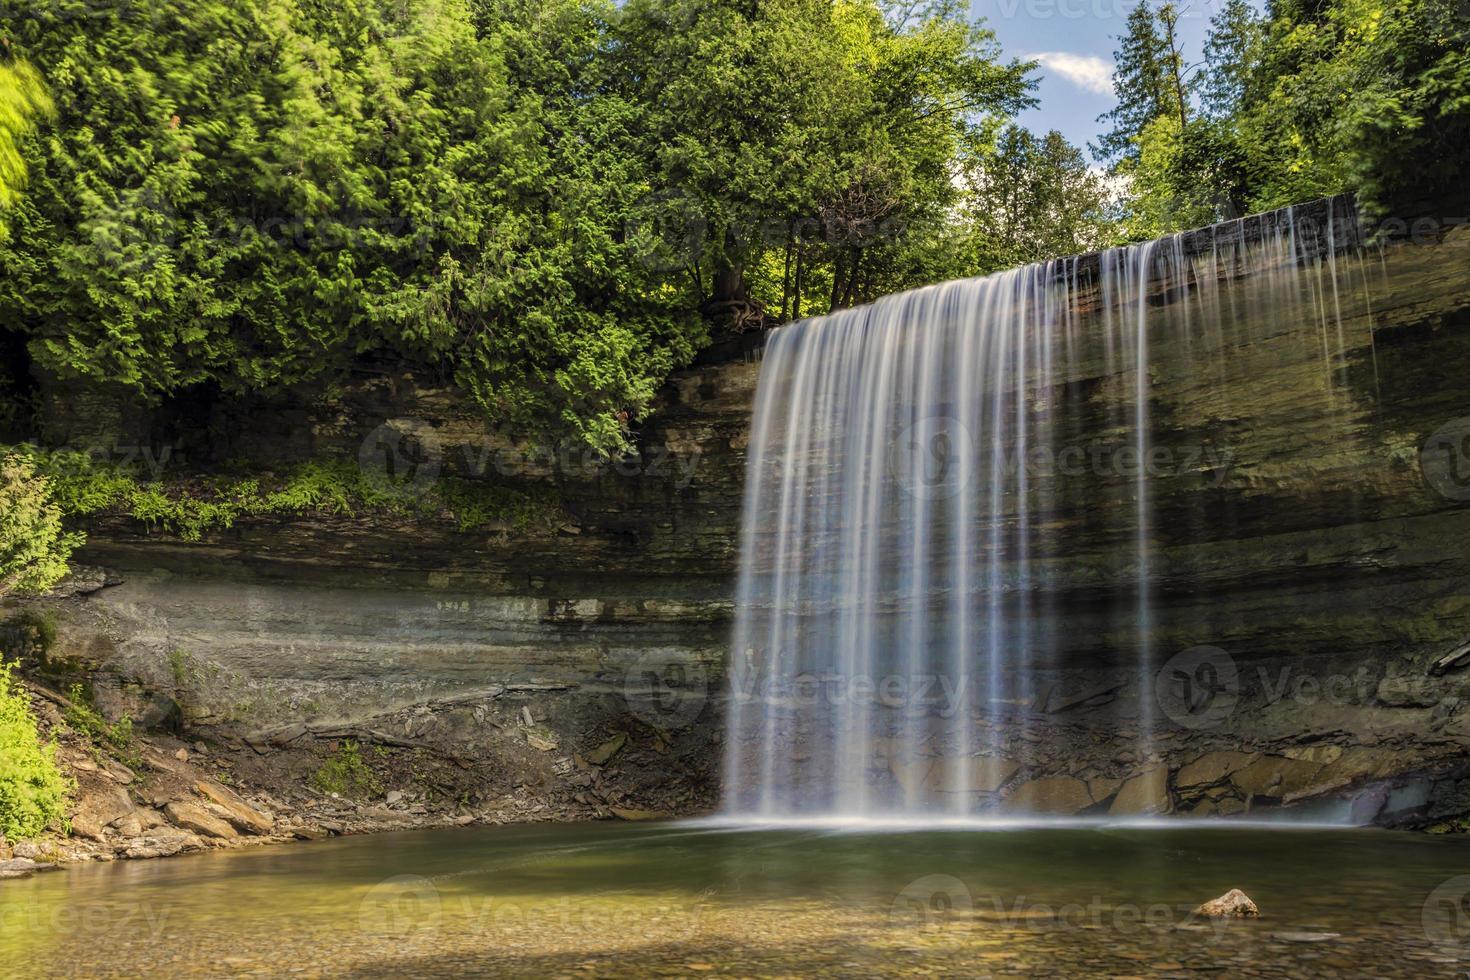 cachoeira no verão foto